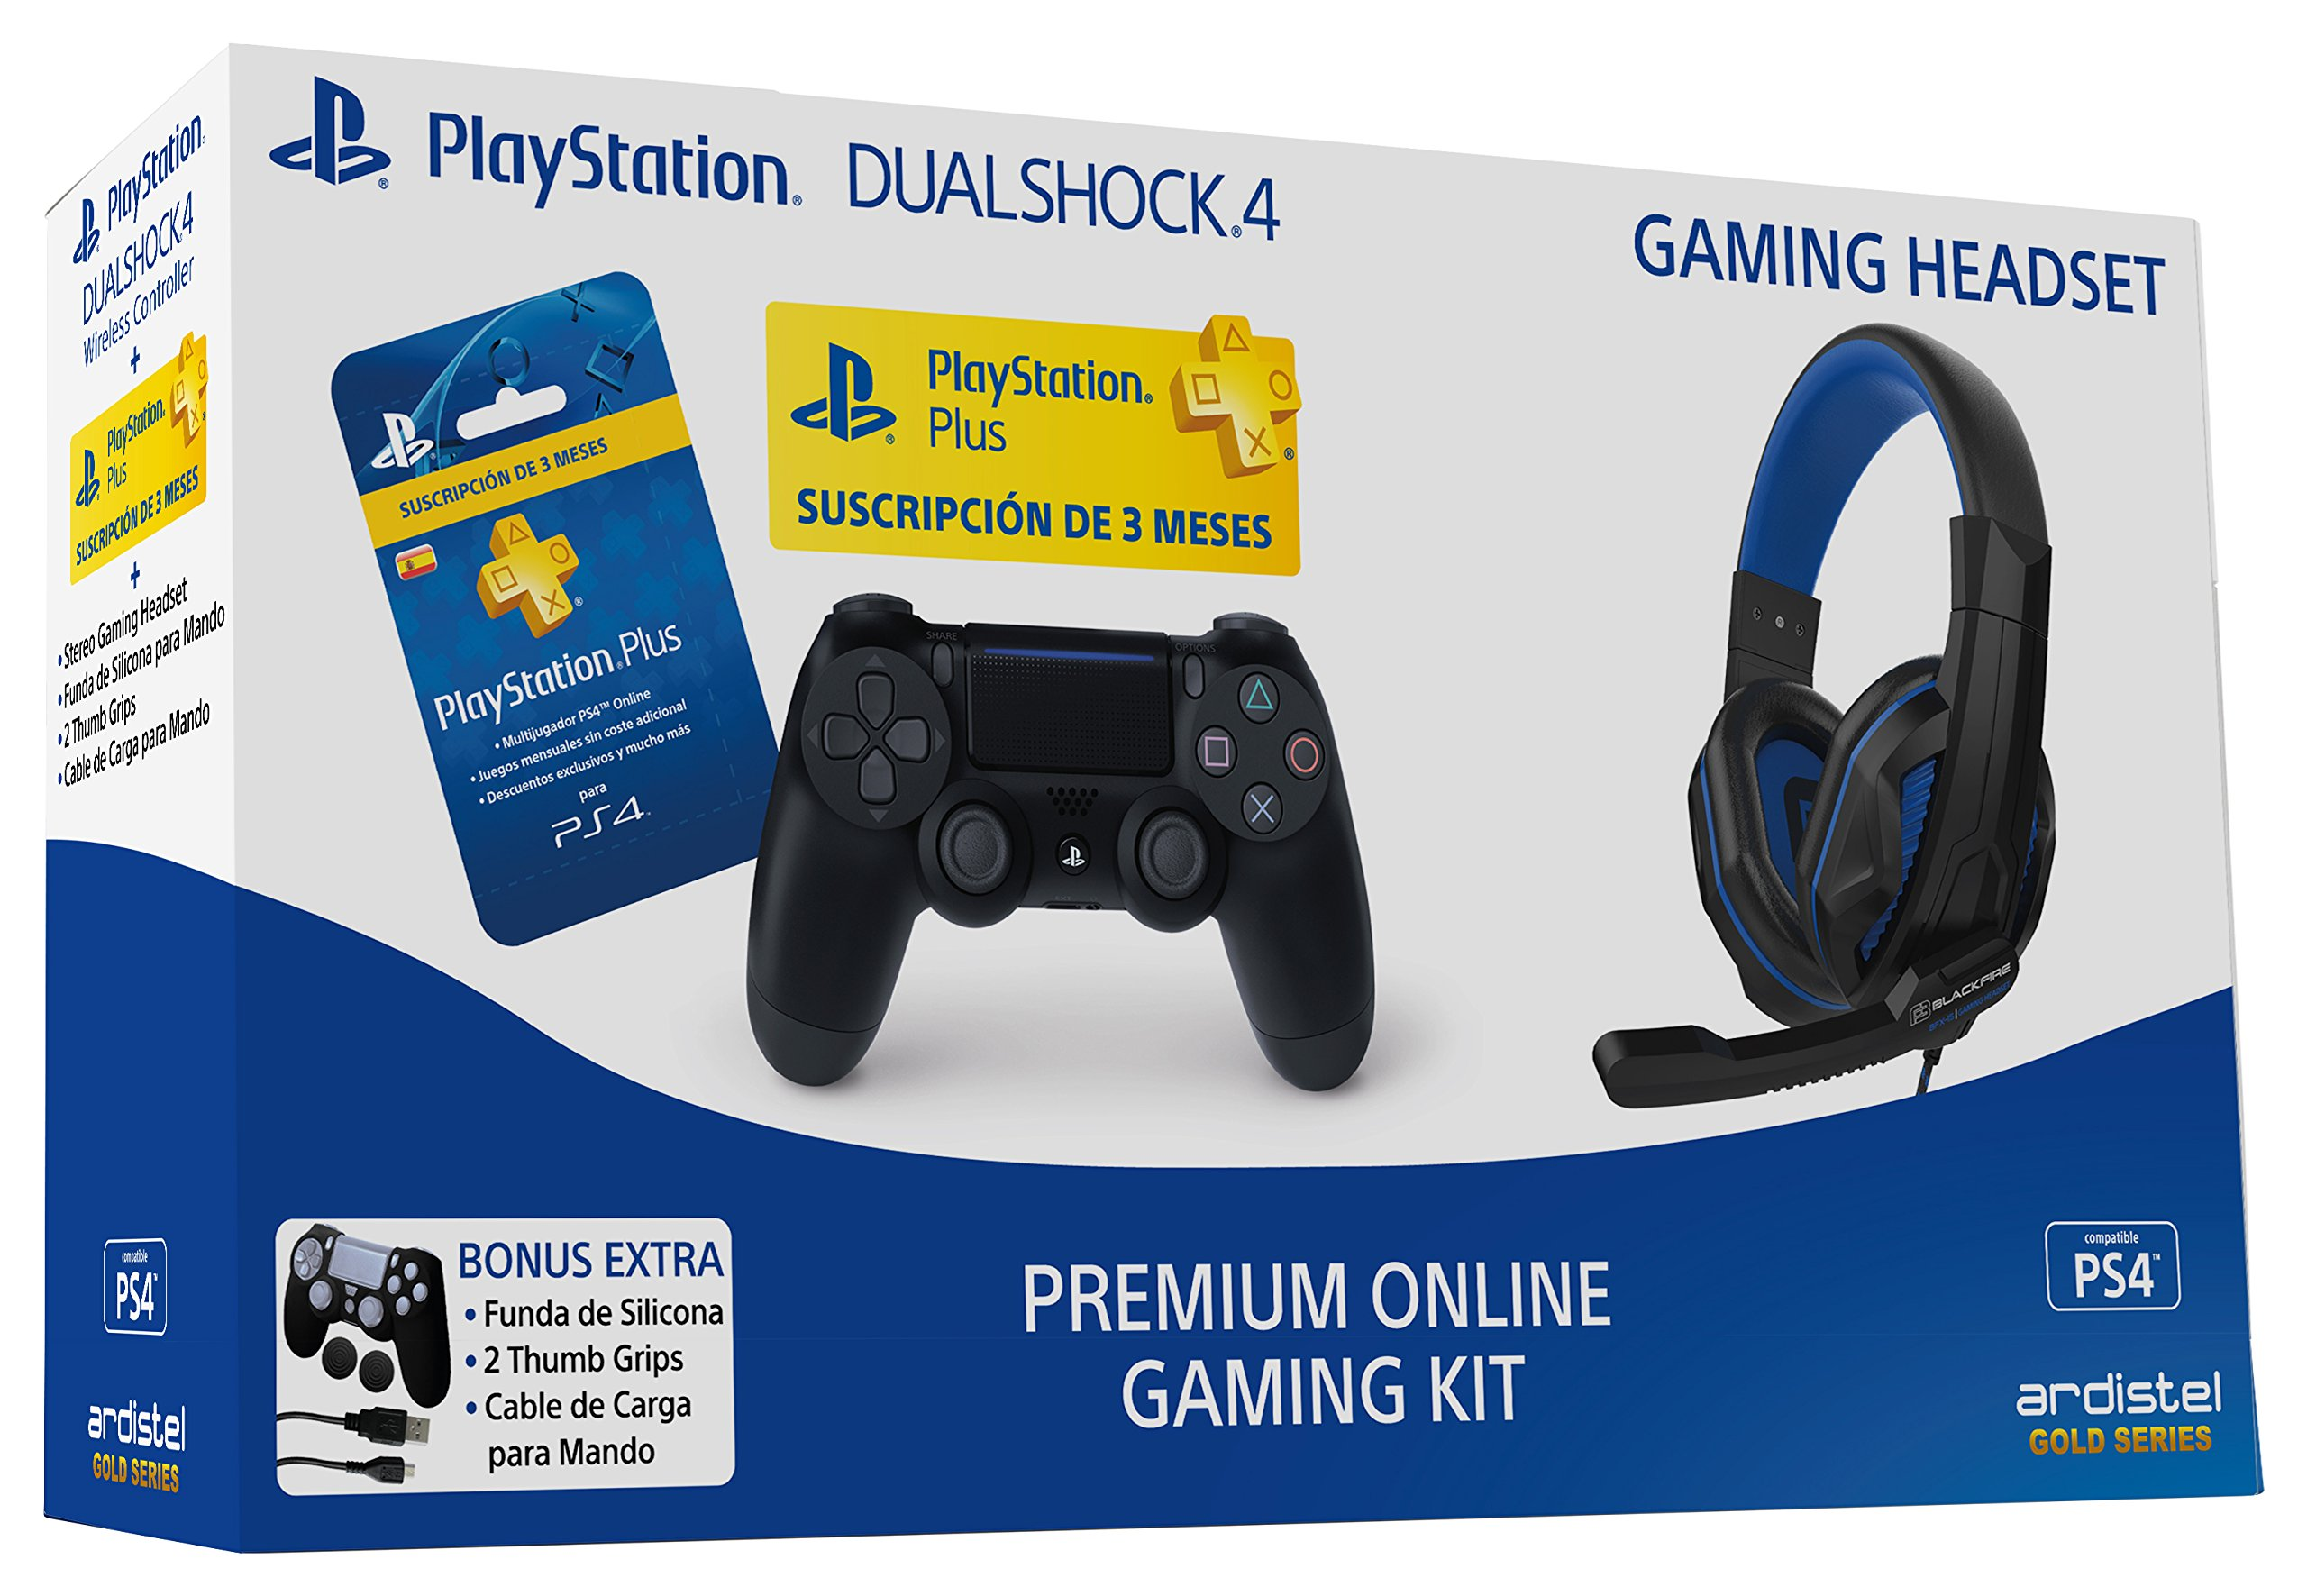 Ardistel - Premium Online Gaming Kit (PS4) - Mando Dualshock 4 V2 + PS Plus 3 meses + Auriculares + cable de carga + funda y grips: Amazon.es: Videojuegos